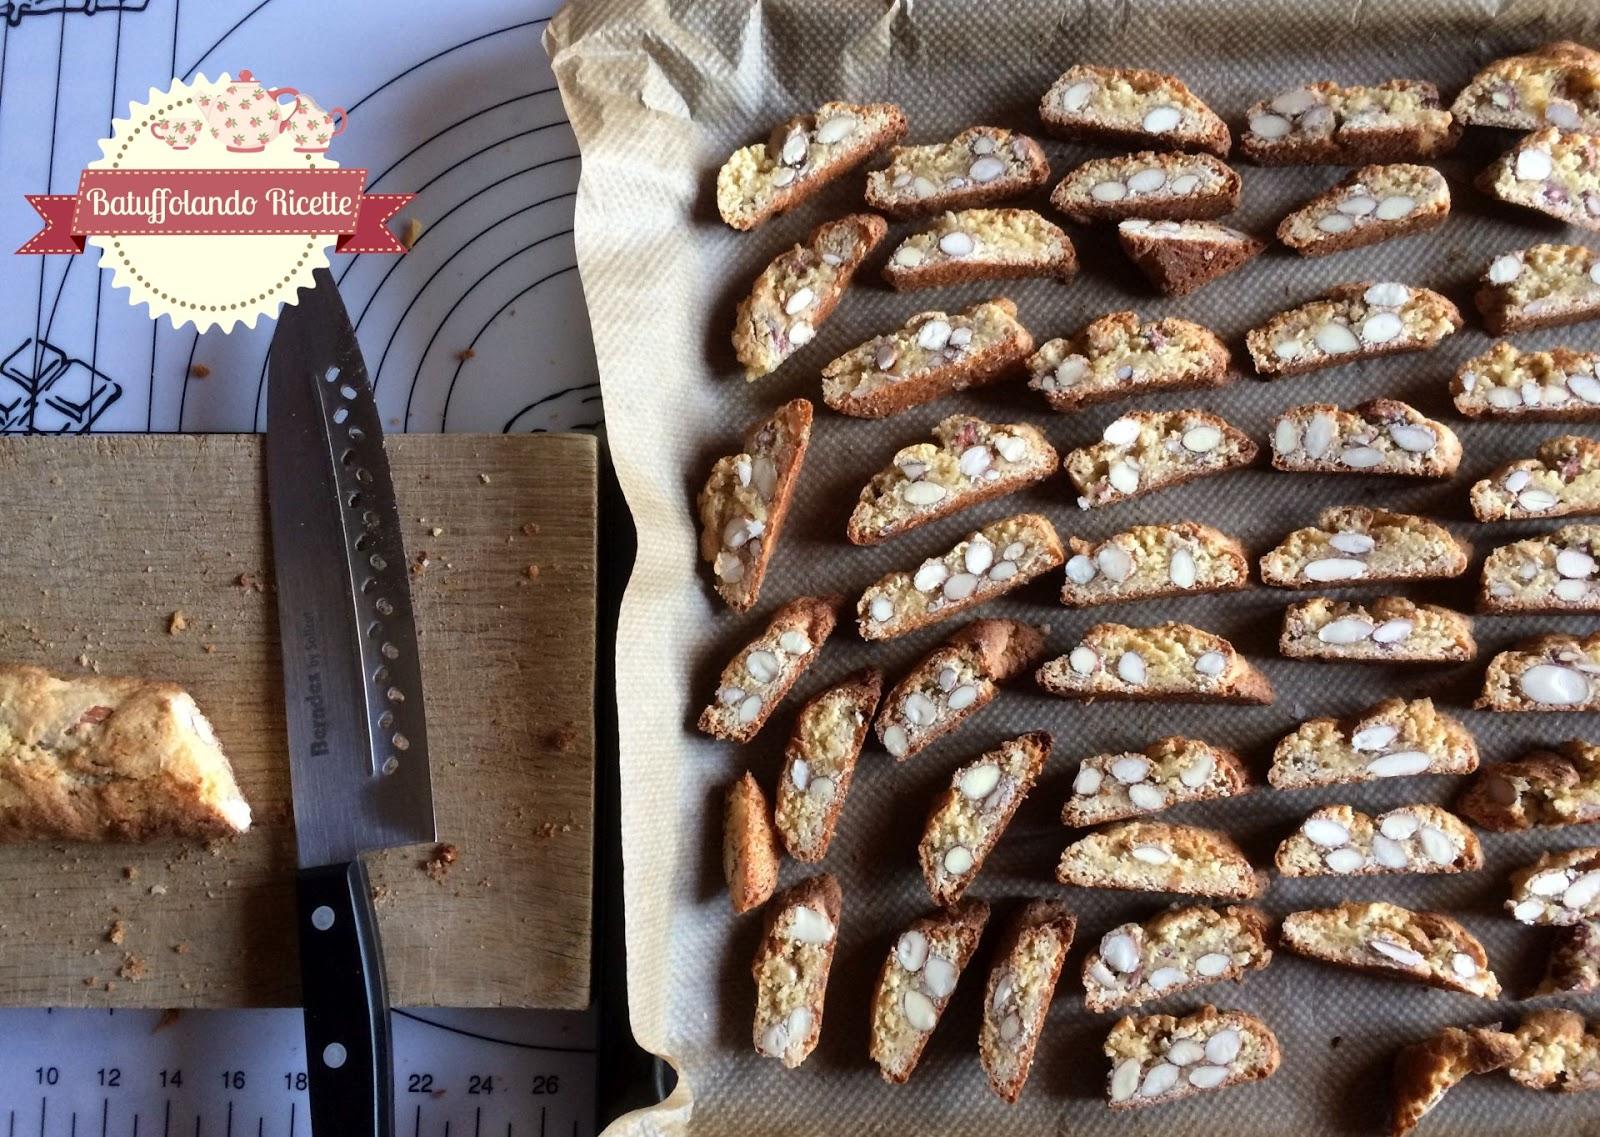 Biscotti Da Credenza Alice : Batuffolando ricette biscotti di prato cantucci giovanni pina